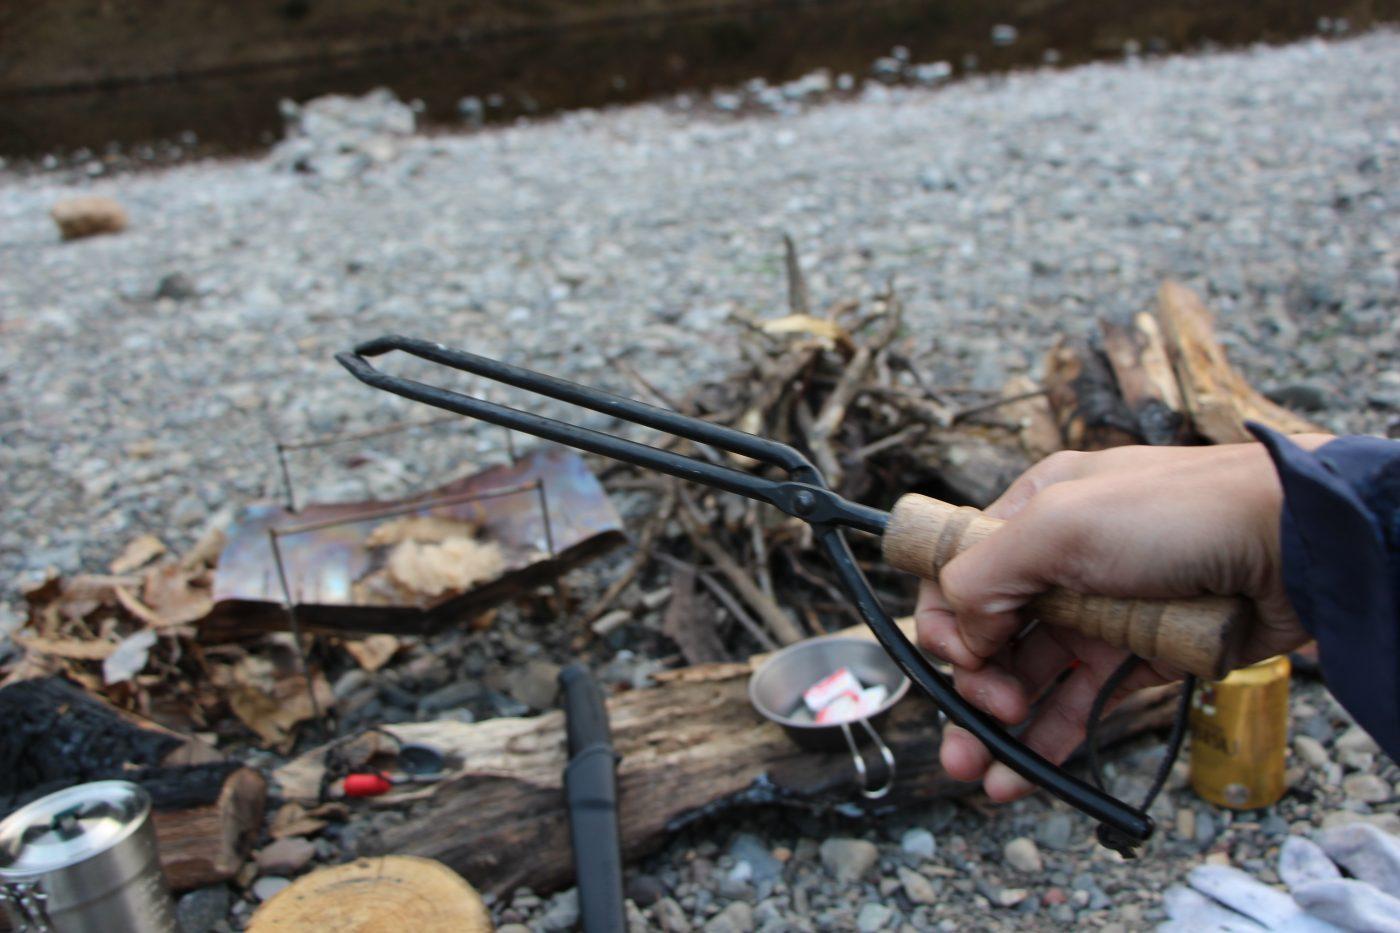 ロゴスの火ばさみ。もっと使い勝手が良いものは沢山あるのに、すごく人気の道具